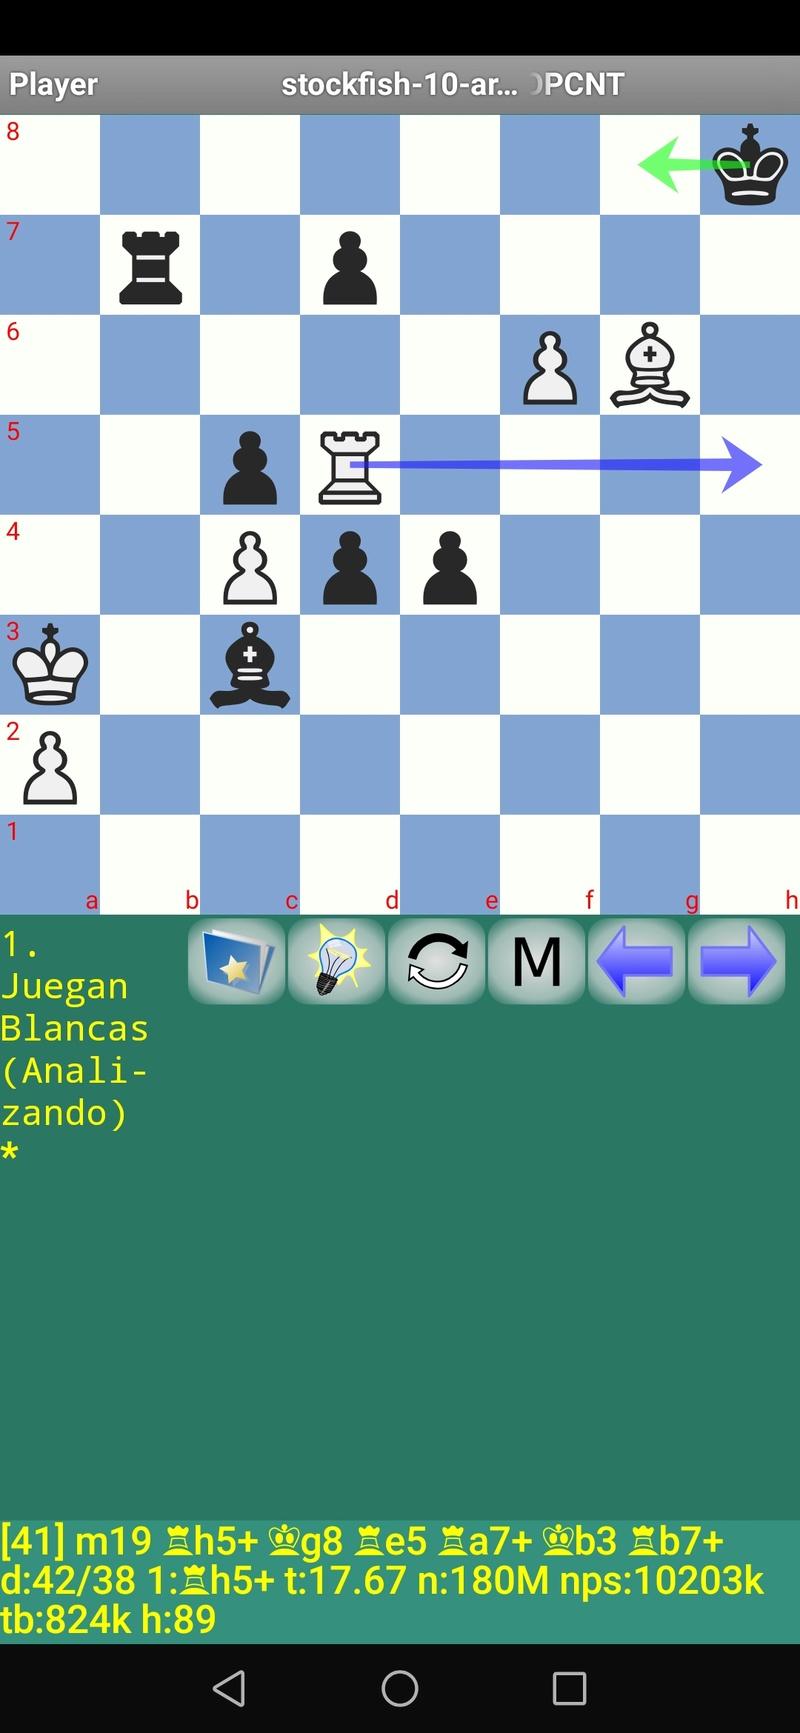 30 posiciones de Test fabulosas con el Stockfish 10 / Matador de QUIJOTEL (I) Scree109